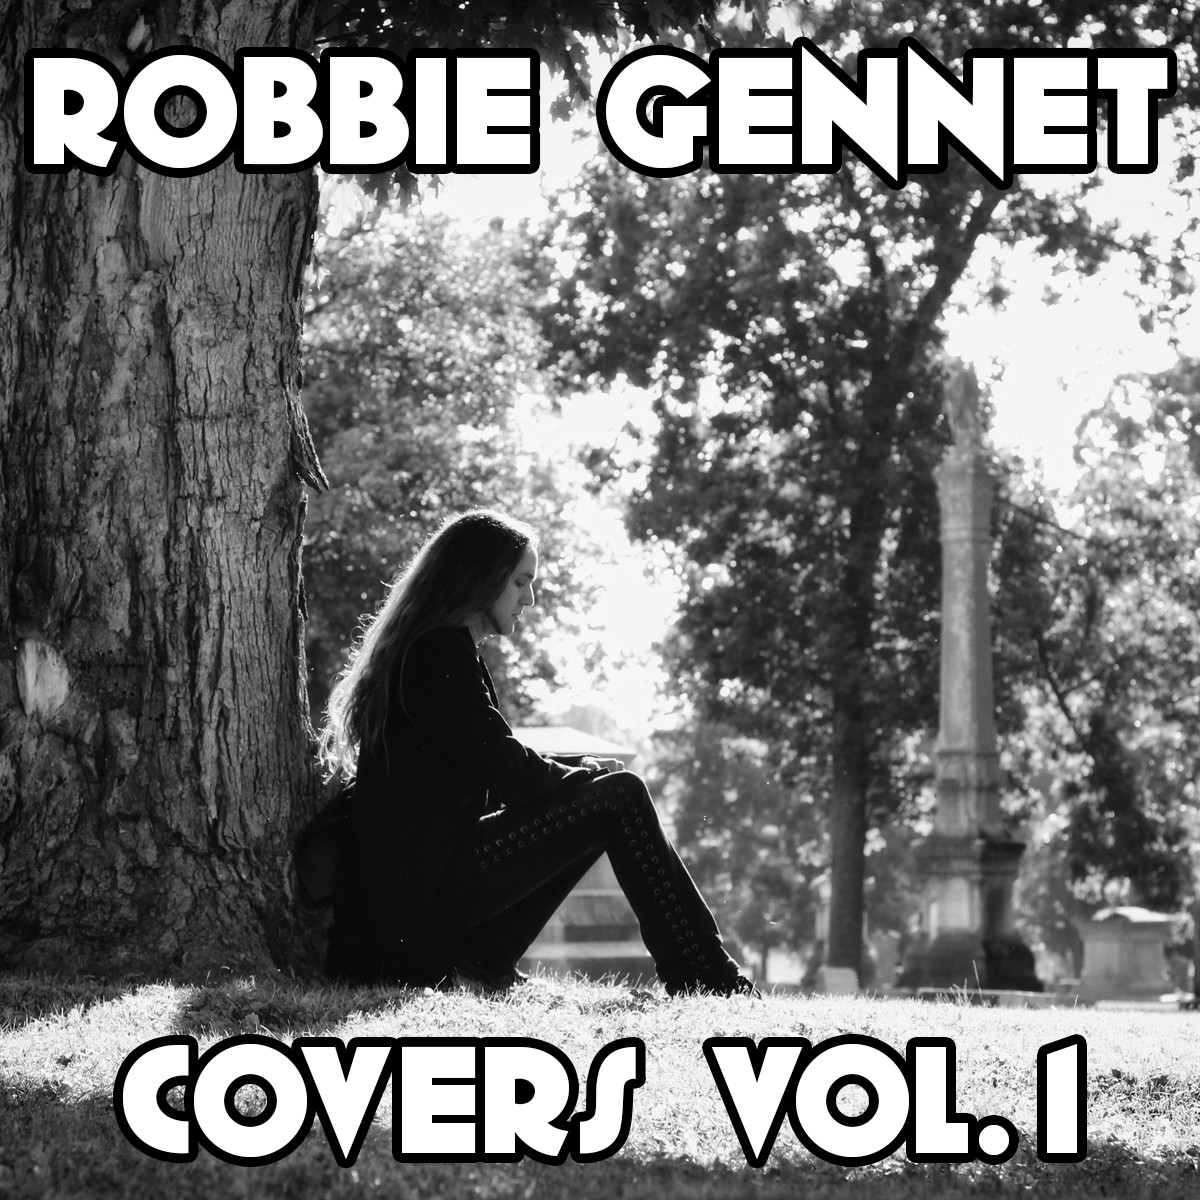 Robbie Gennet Covers Vol.1 FINAL.jpg